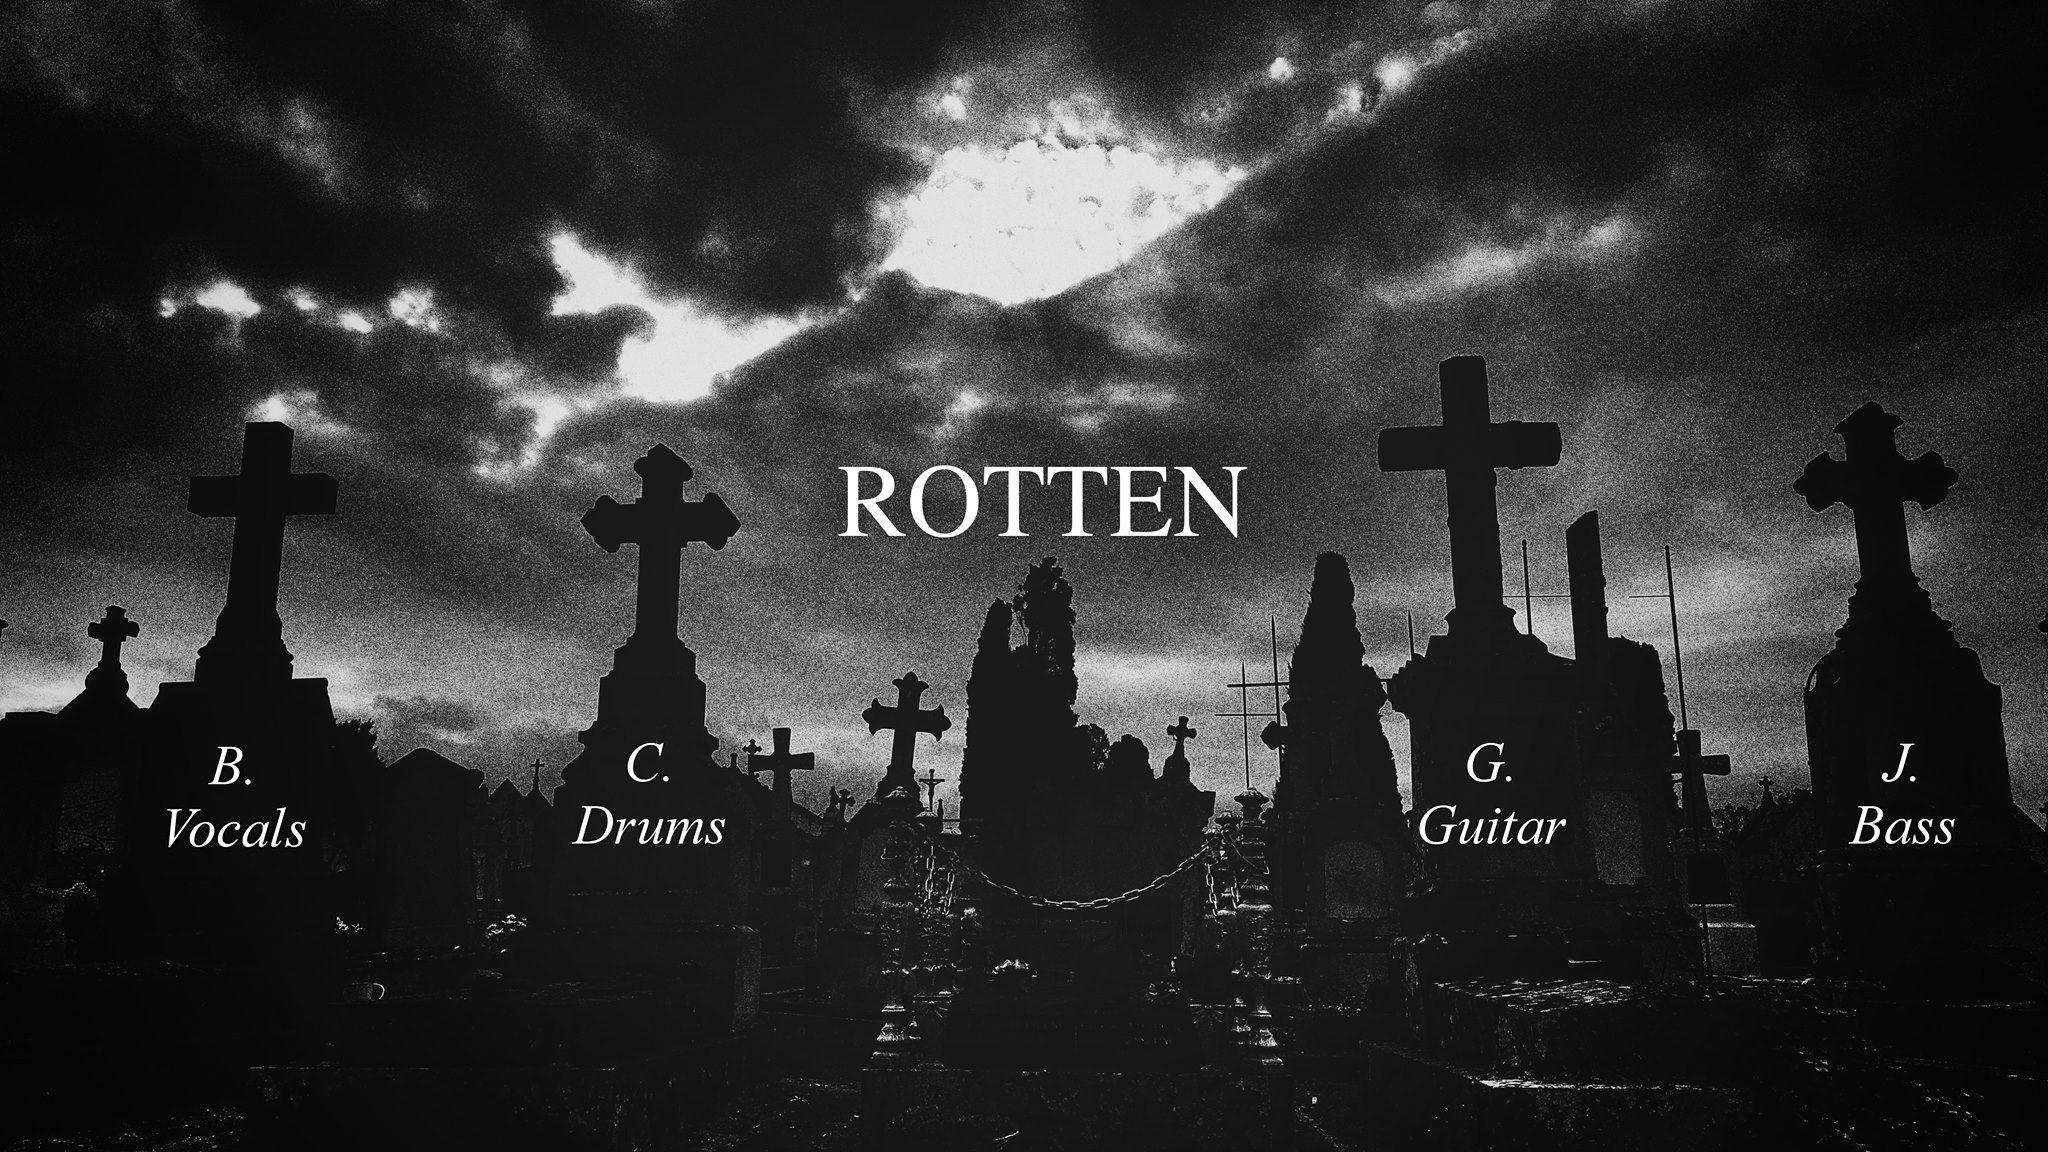 Rotten band